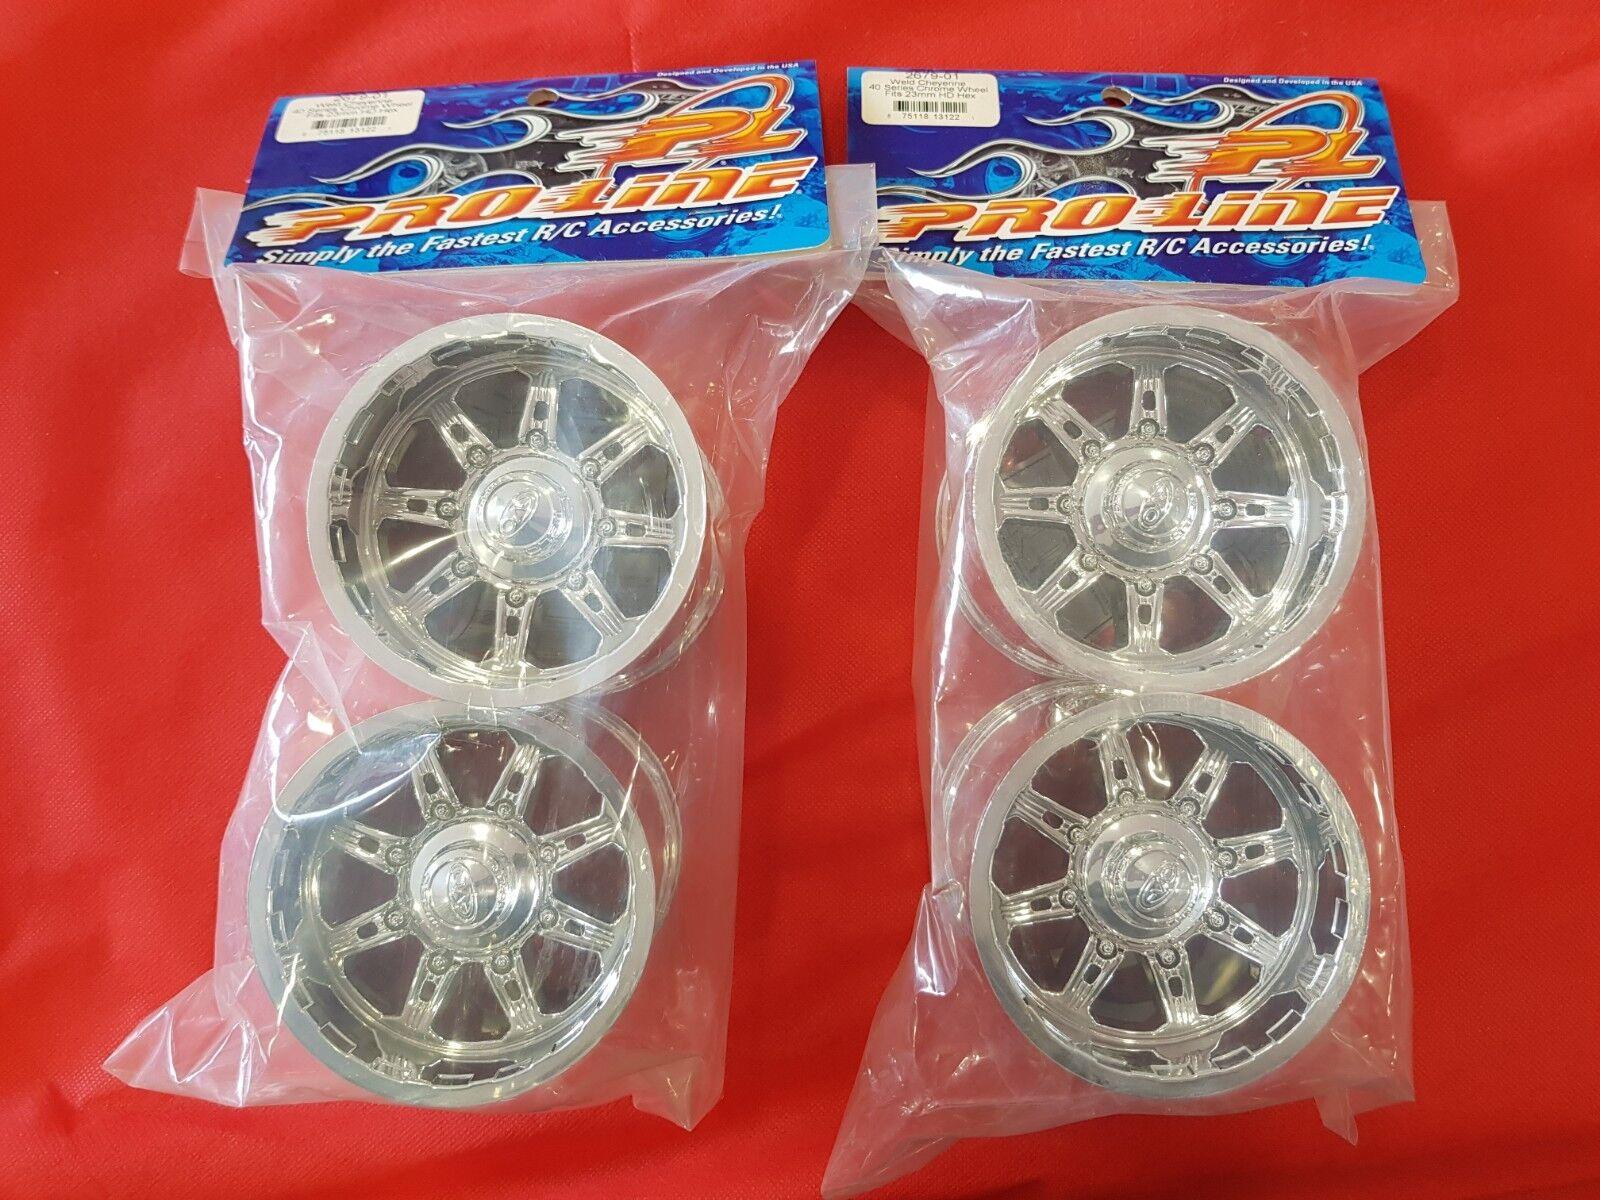 ProLine Cheyenne  40 ruedas 23mm Hex  2679-01  Miglior prezzo